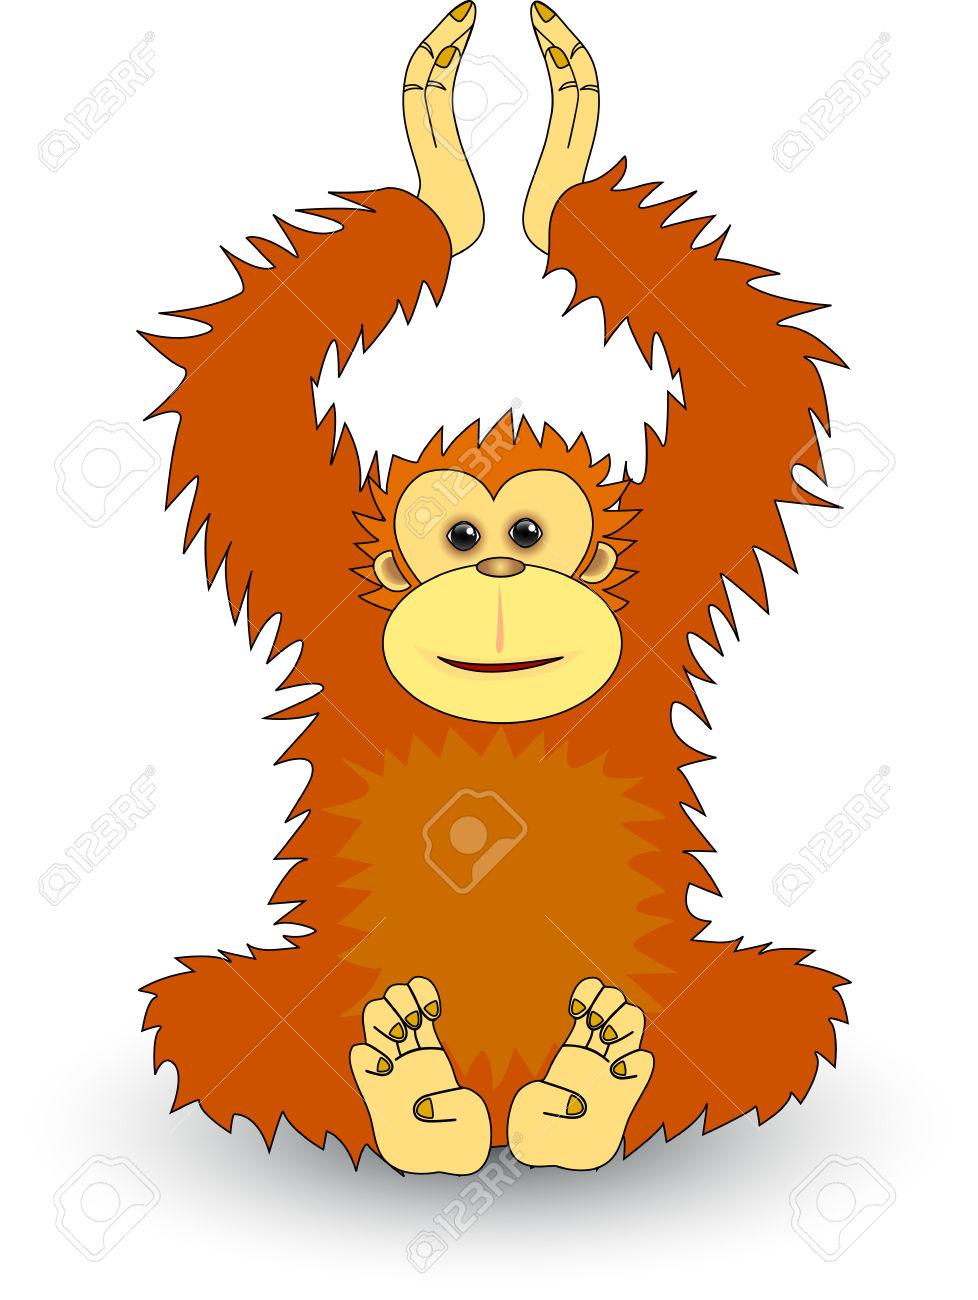 Orangutan clipart #2, Download drawings